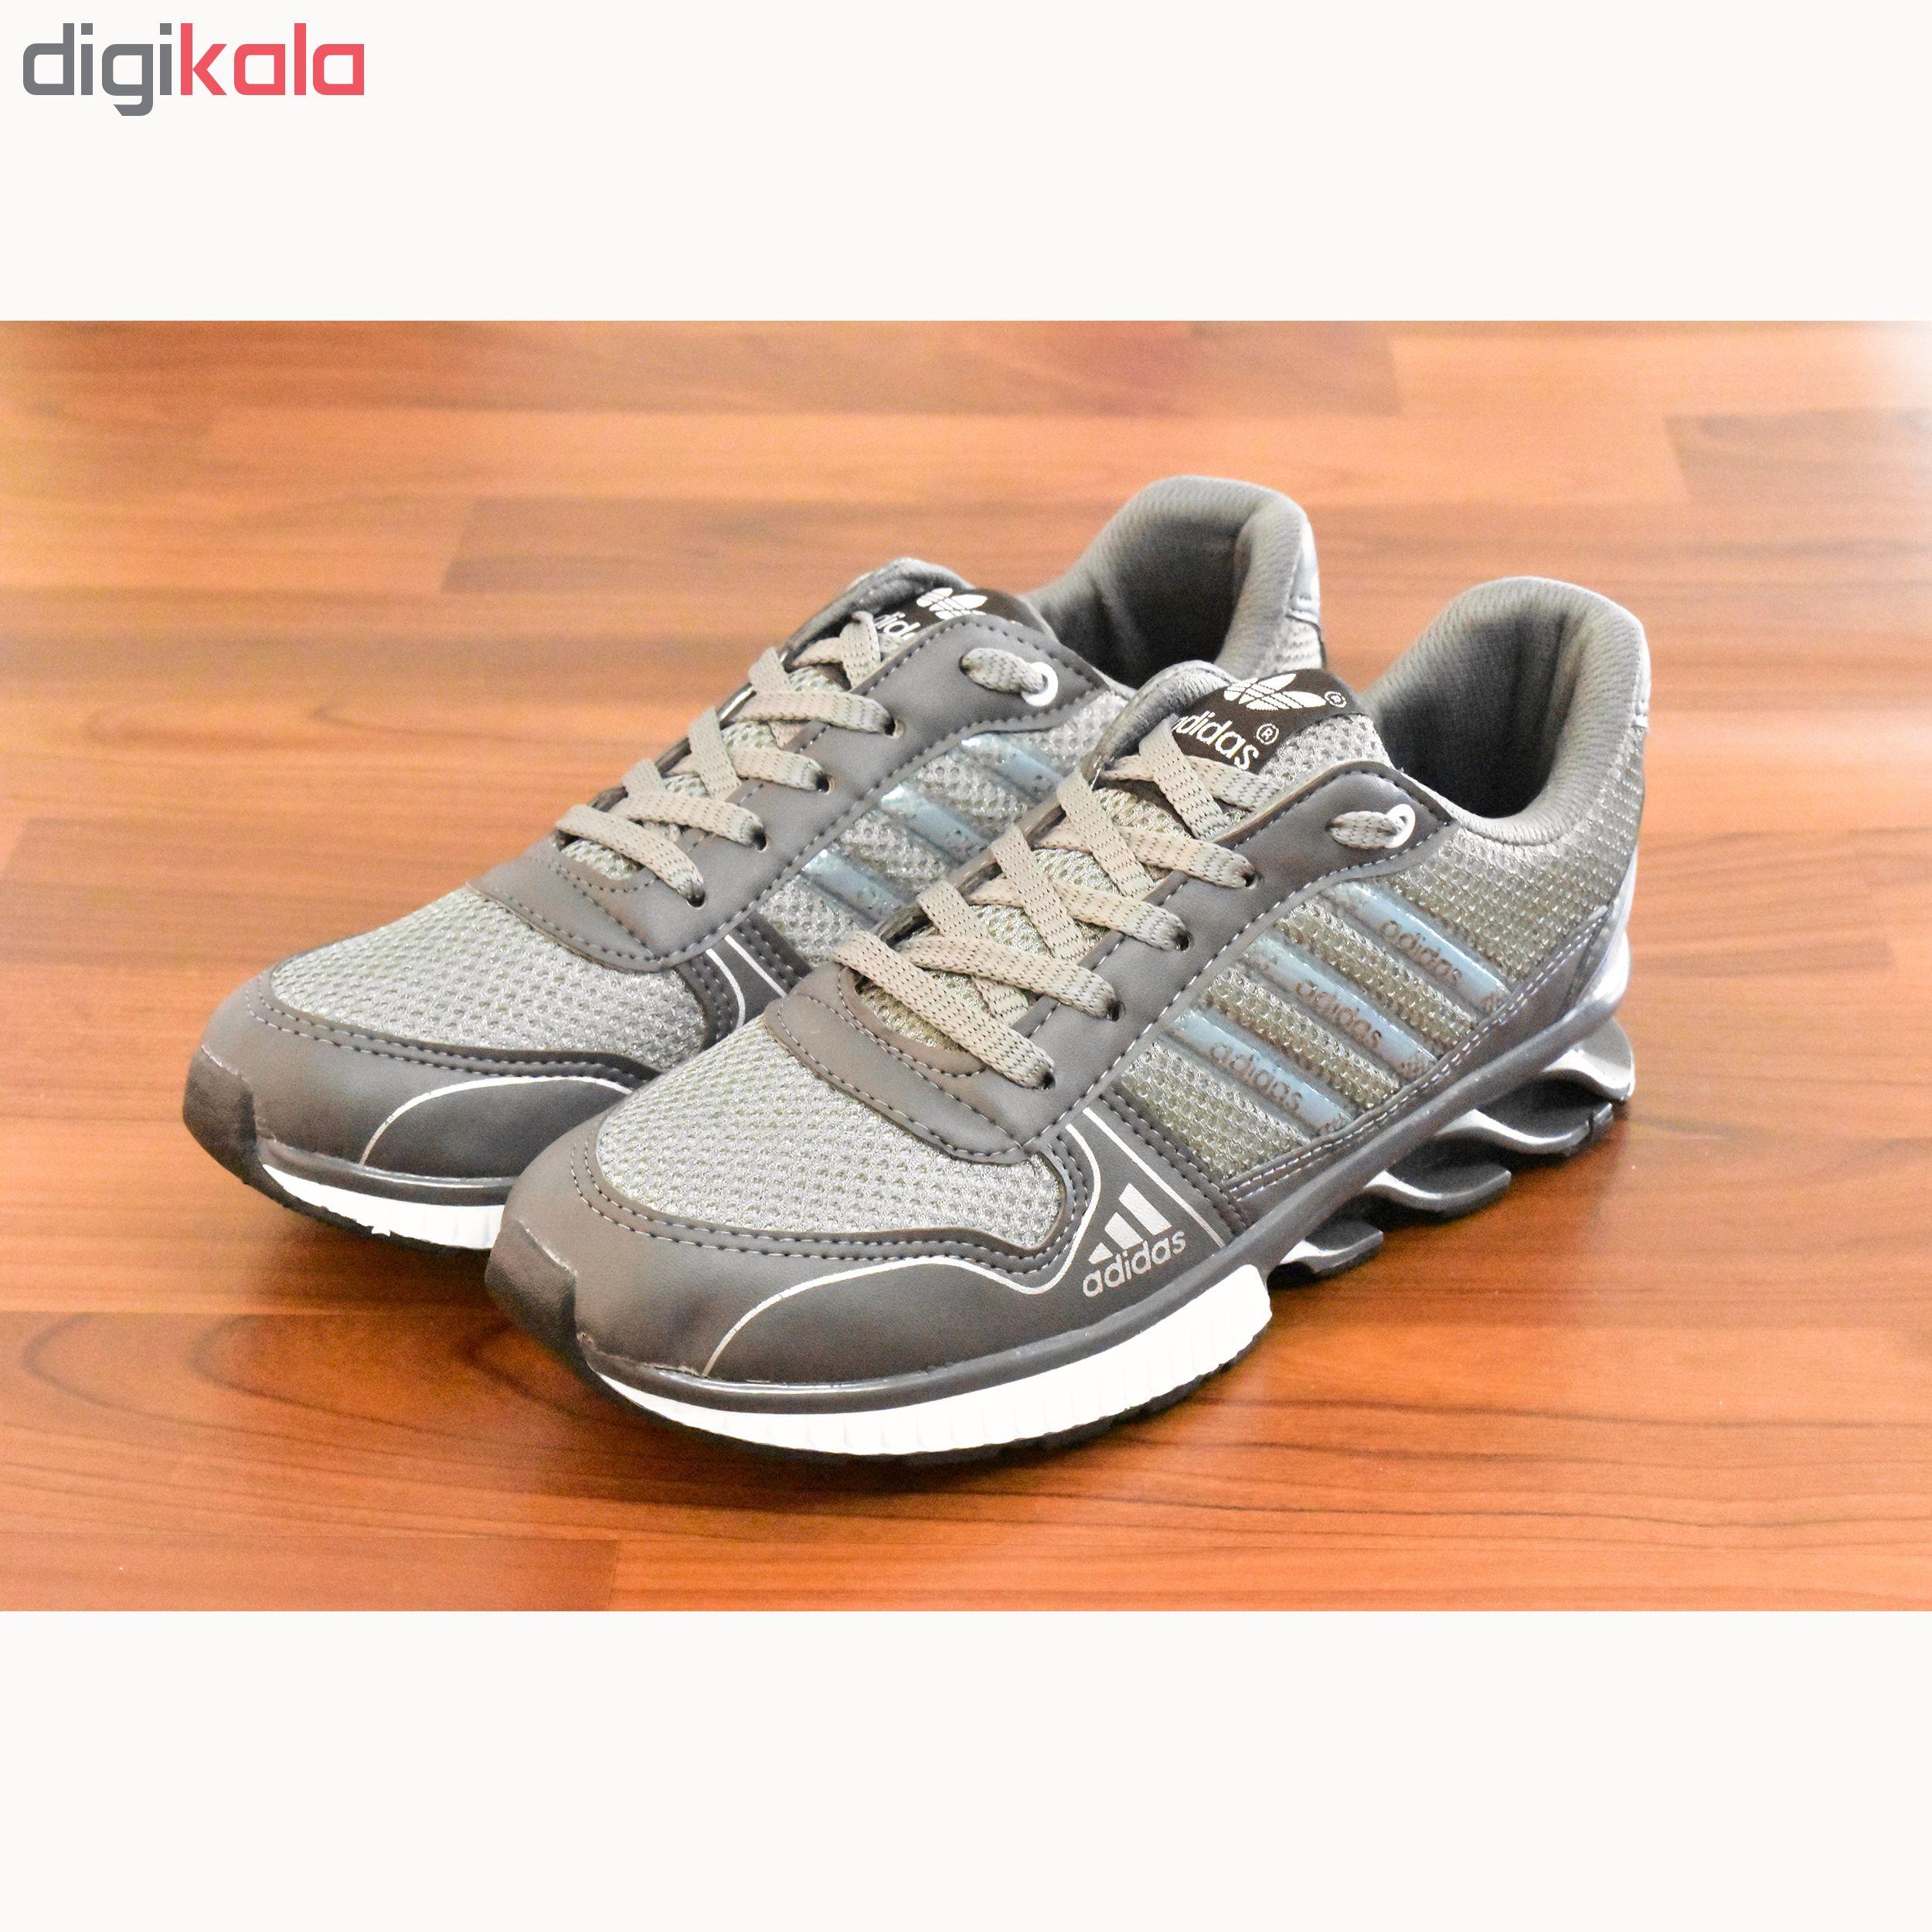 کفش مخصوص پیاده روی مردانه کد 4234